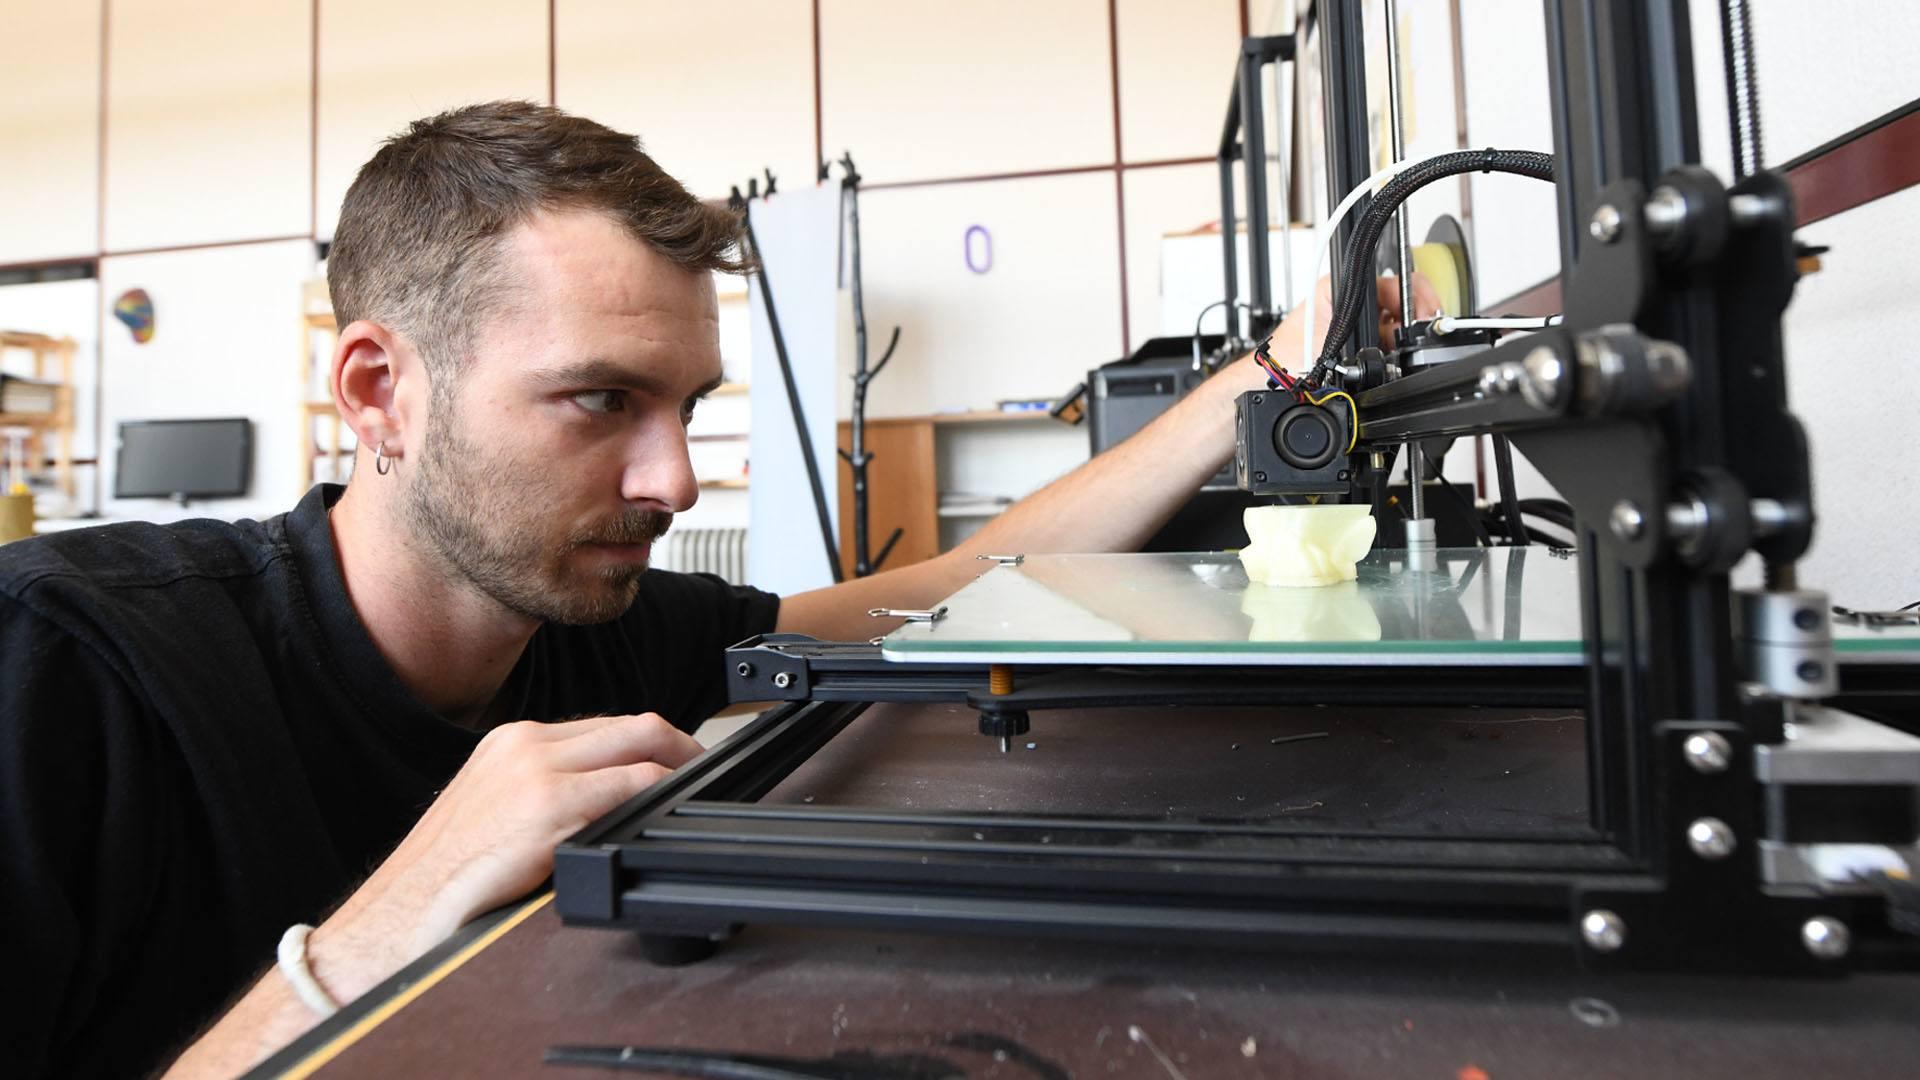 Thomas au travail sur l'imprimante 3D